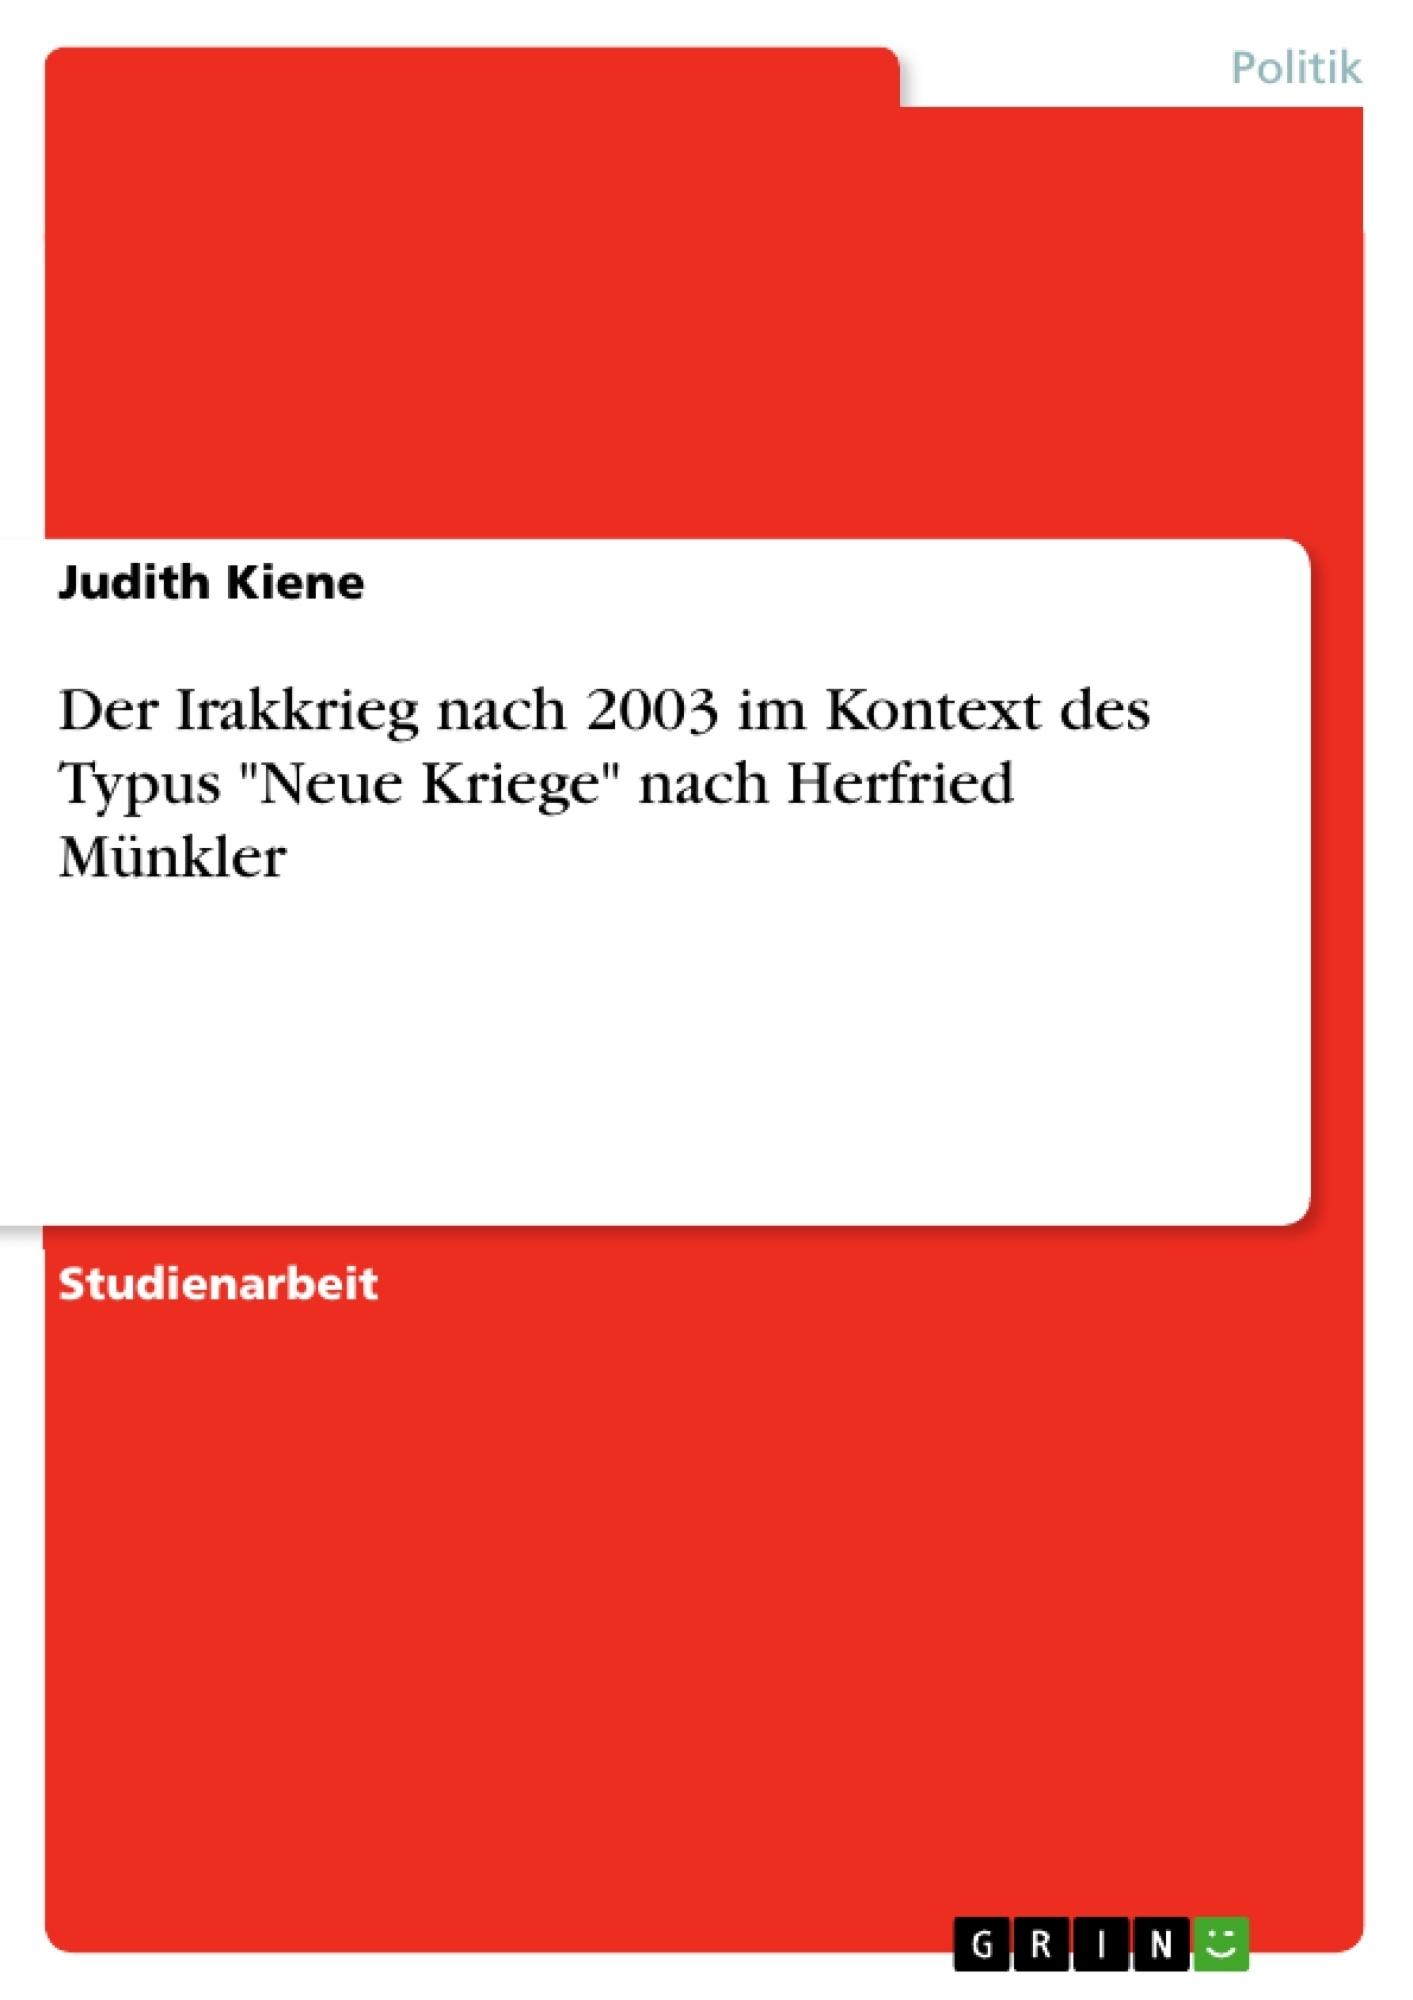 """Titel: Der Irakkrieg nach 2003 im Kontext des Typus """"Neue Kriege"""" nach Herfried Münkler"""